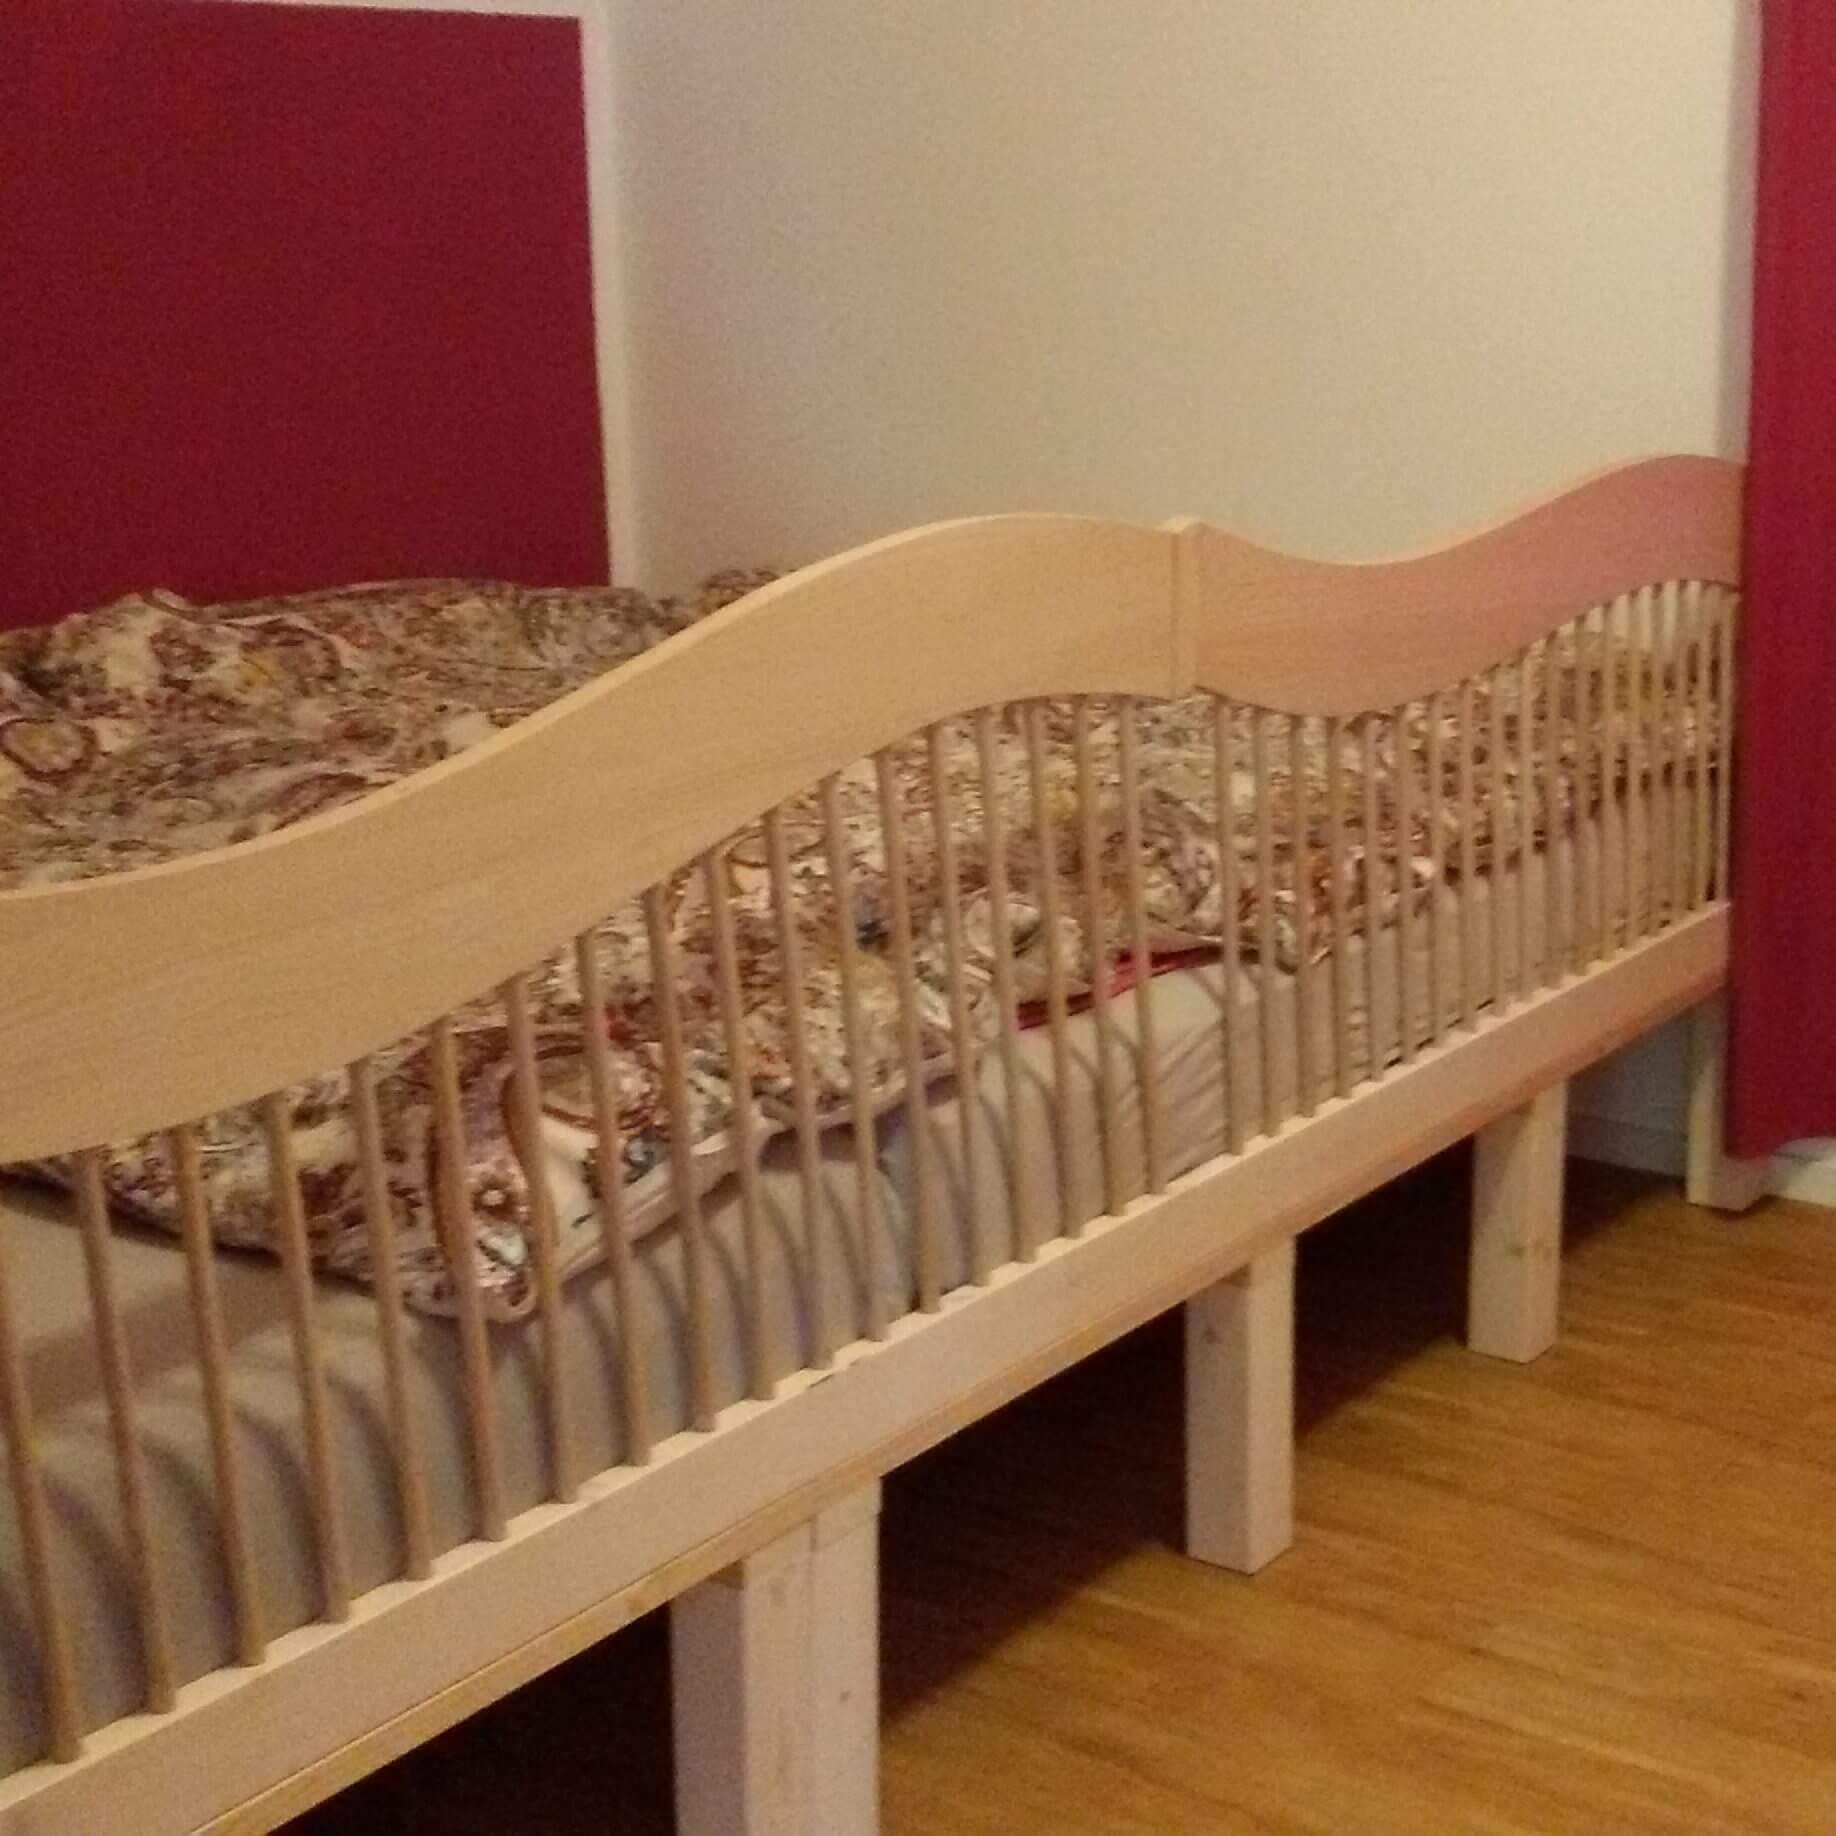 ein blick in familienbetten die geborgen wachsen familienbettgalerie geborgen wachsen. Black Bedroom Furniture Sets. Home Design Ideas